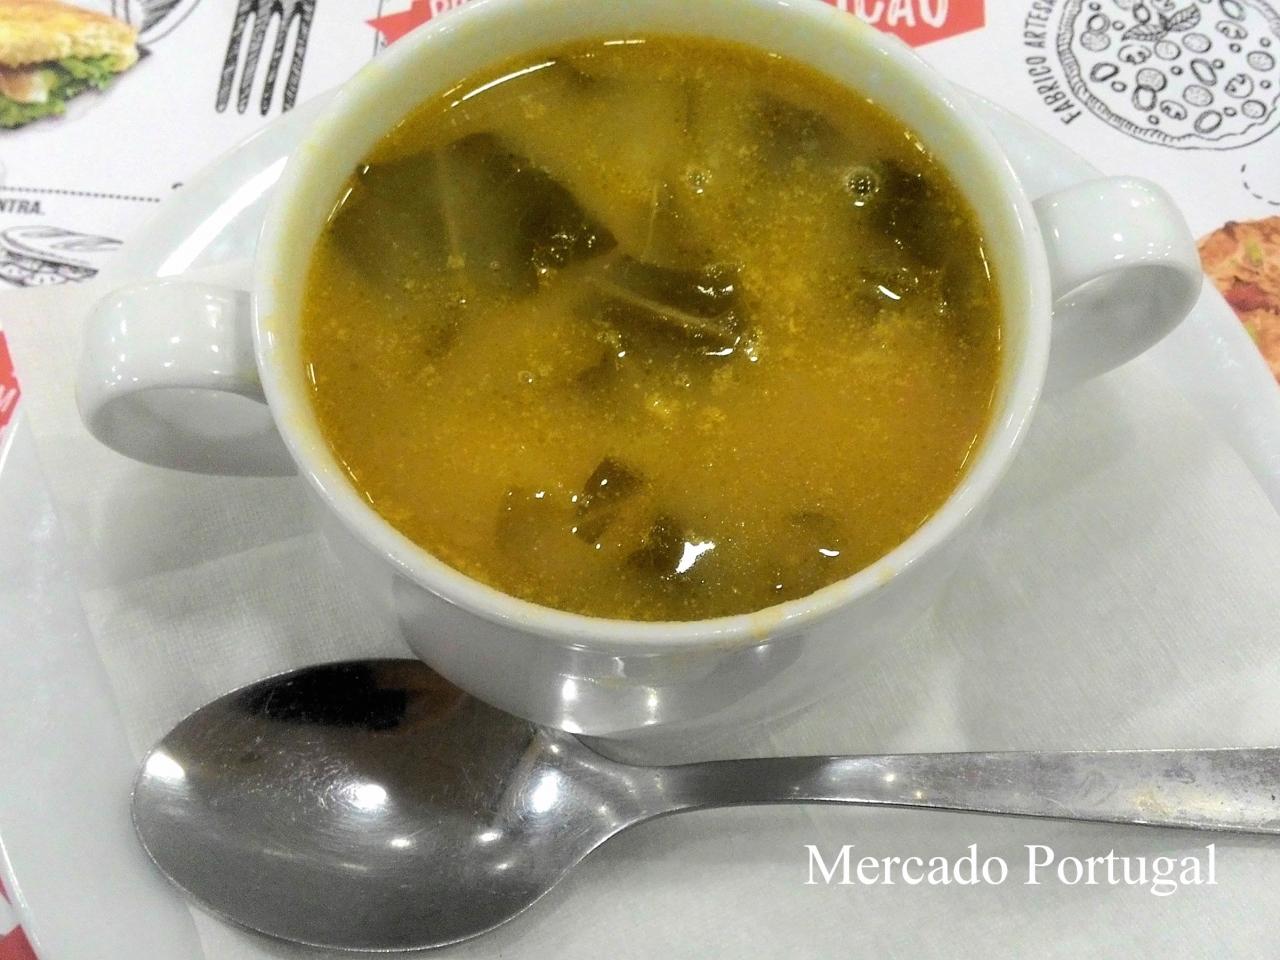 一般的なカフェでこのくらいのサイズのスープを頼むと、1.5ユーロくらいです。